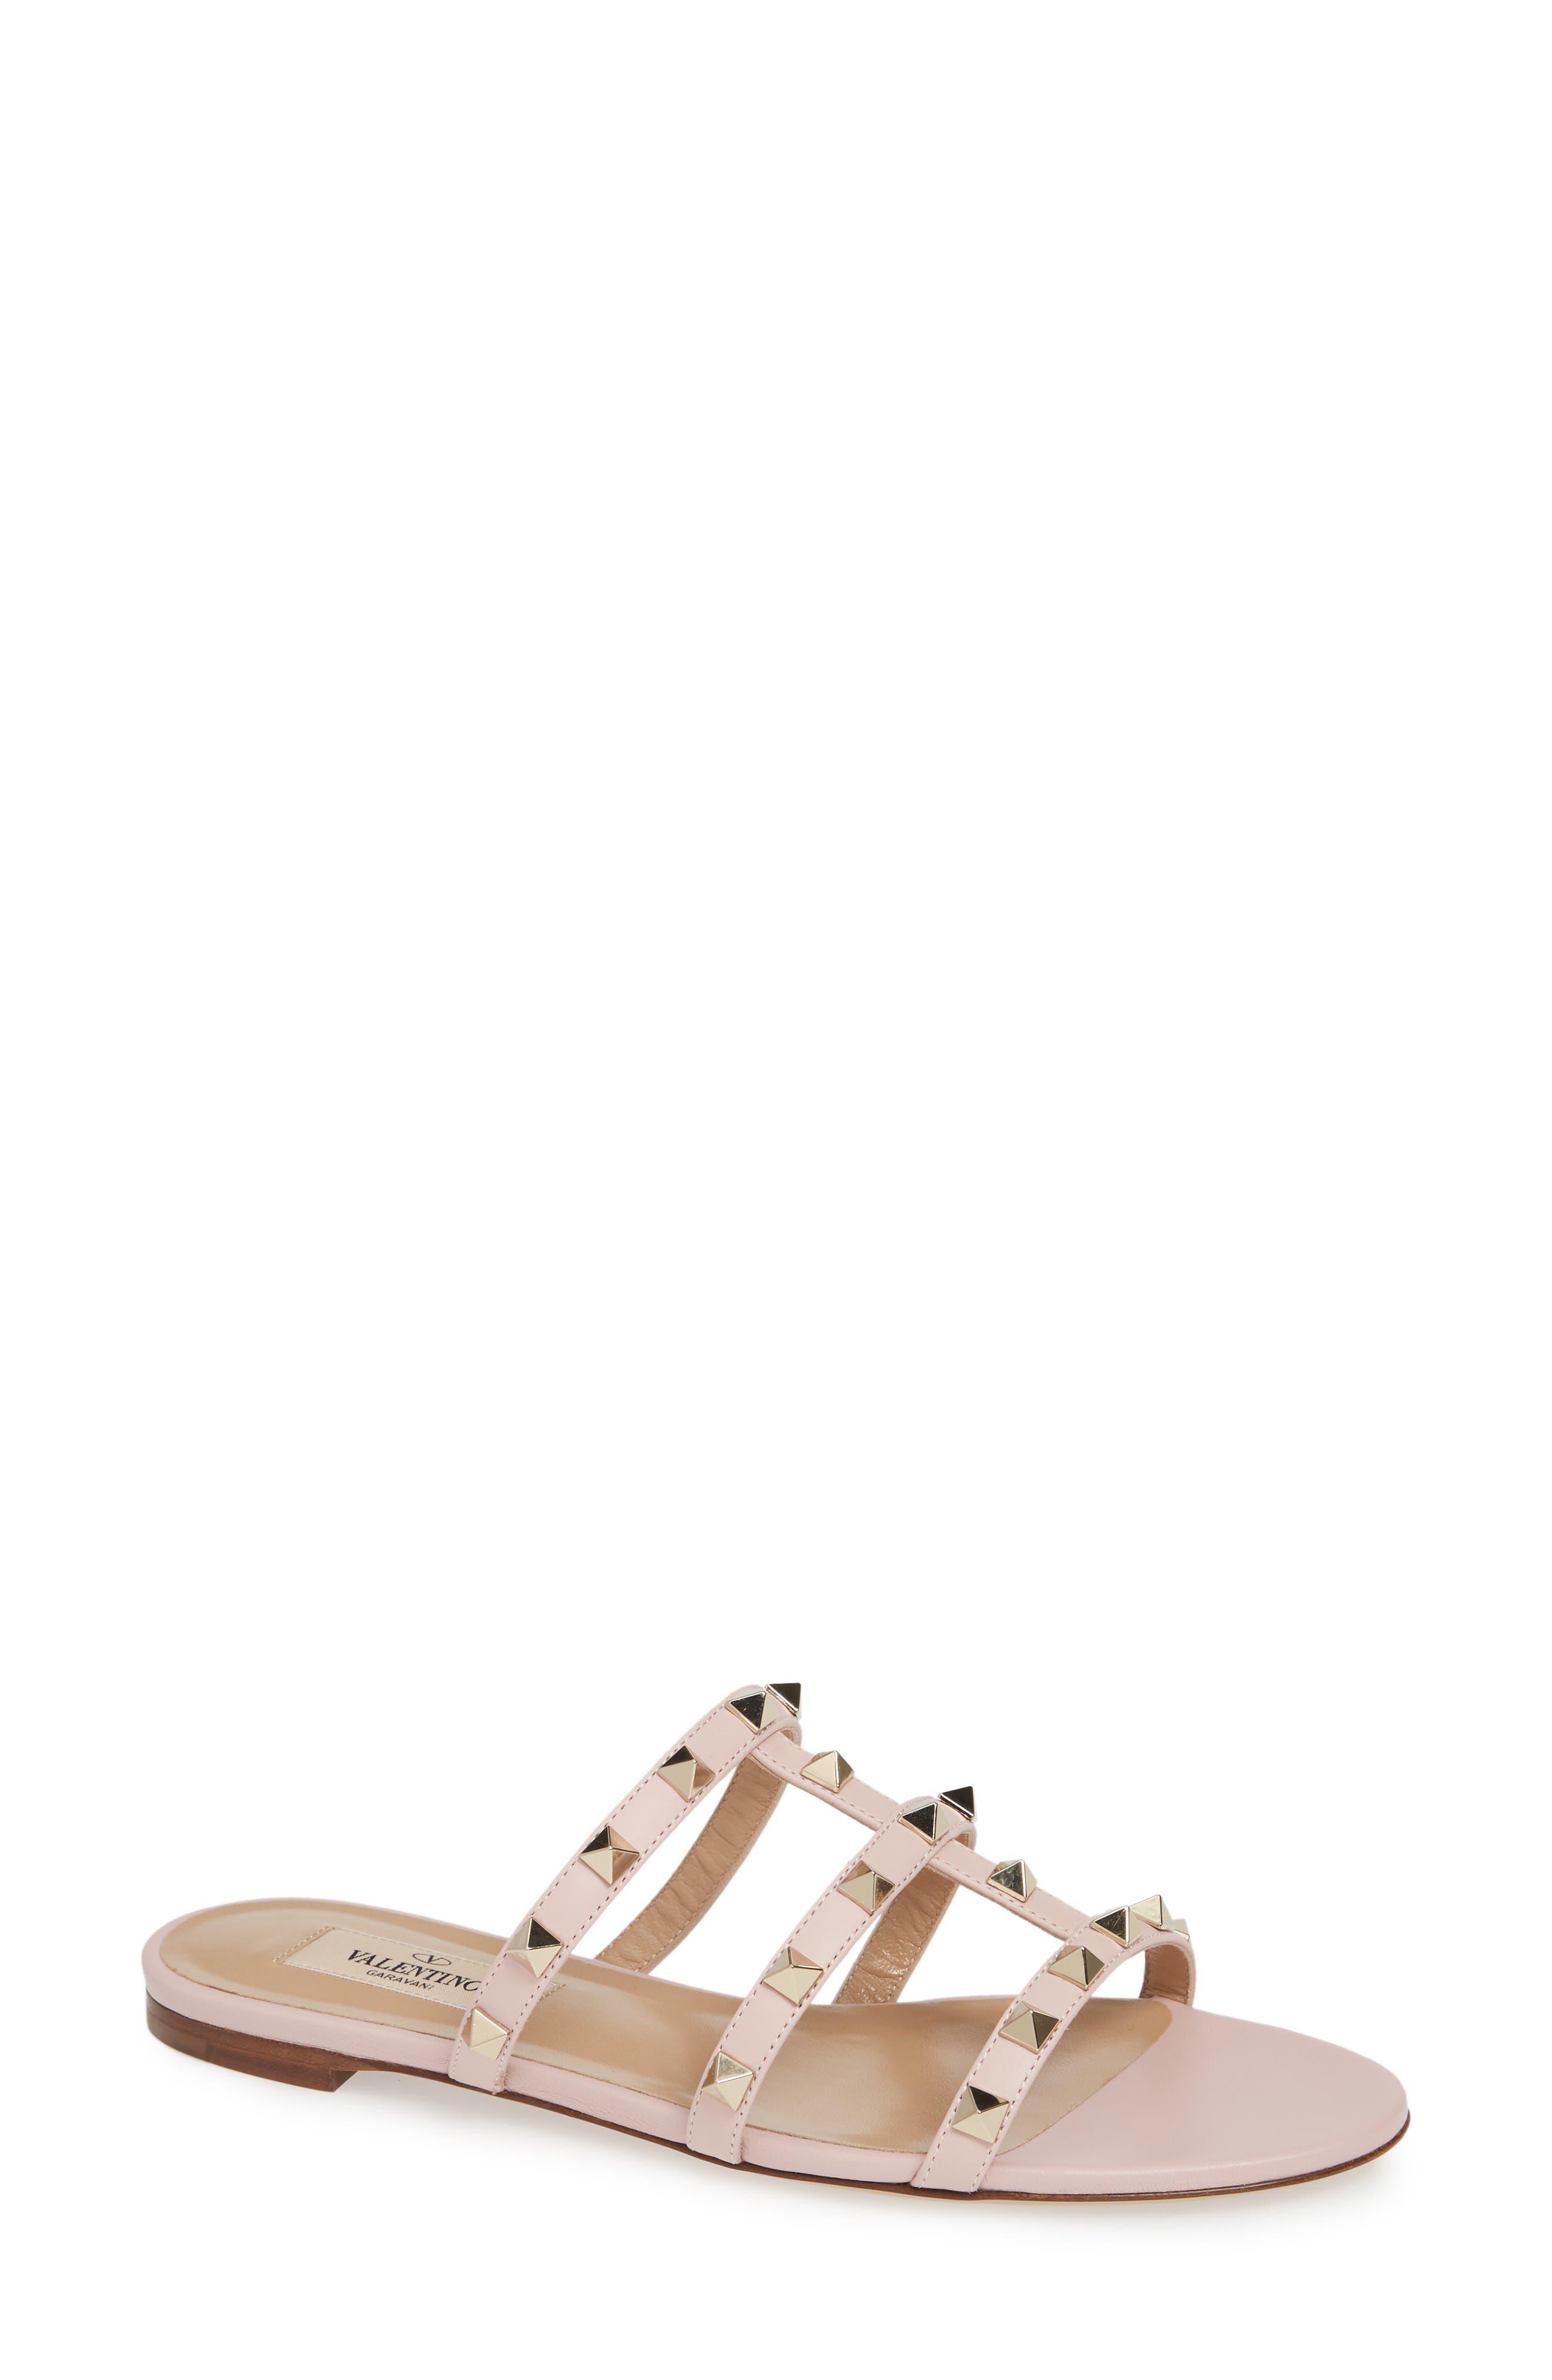 Rockstud Slide Sandal,                         Main,                         color, WATER ROSE